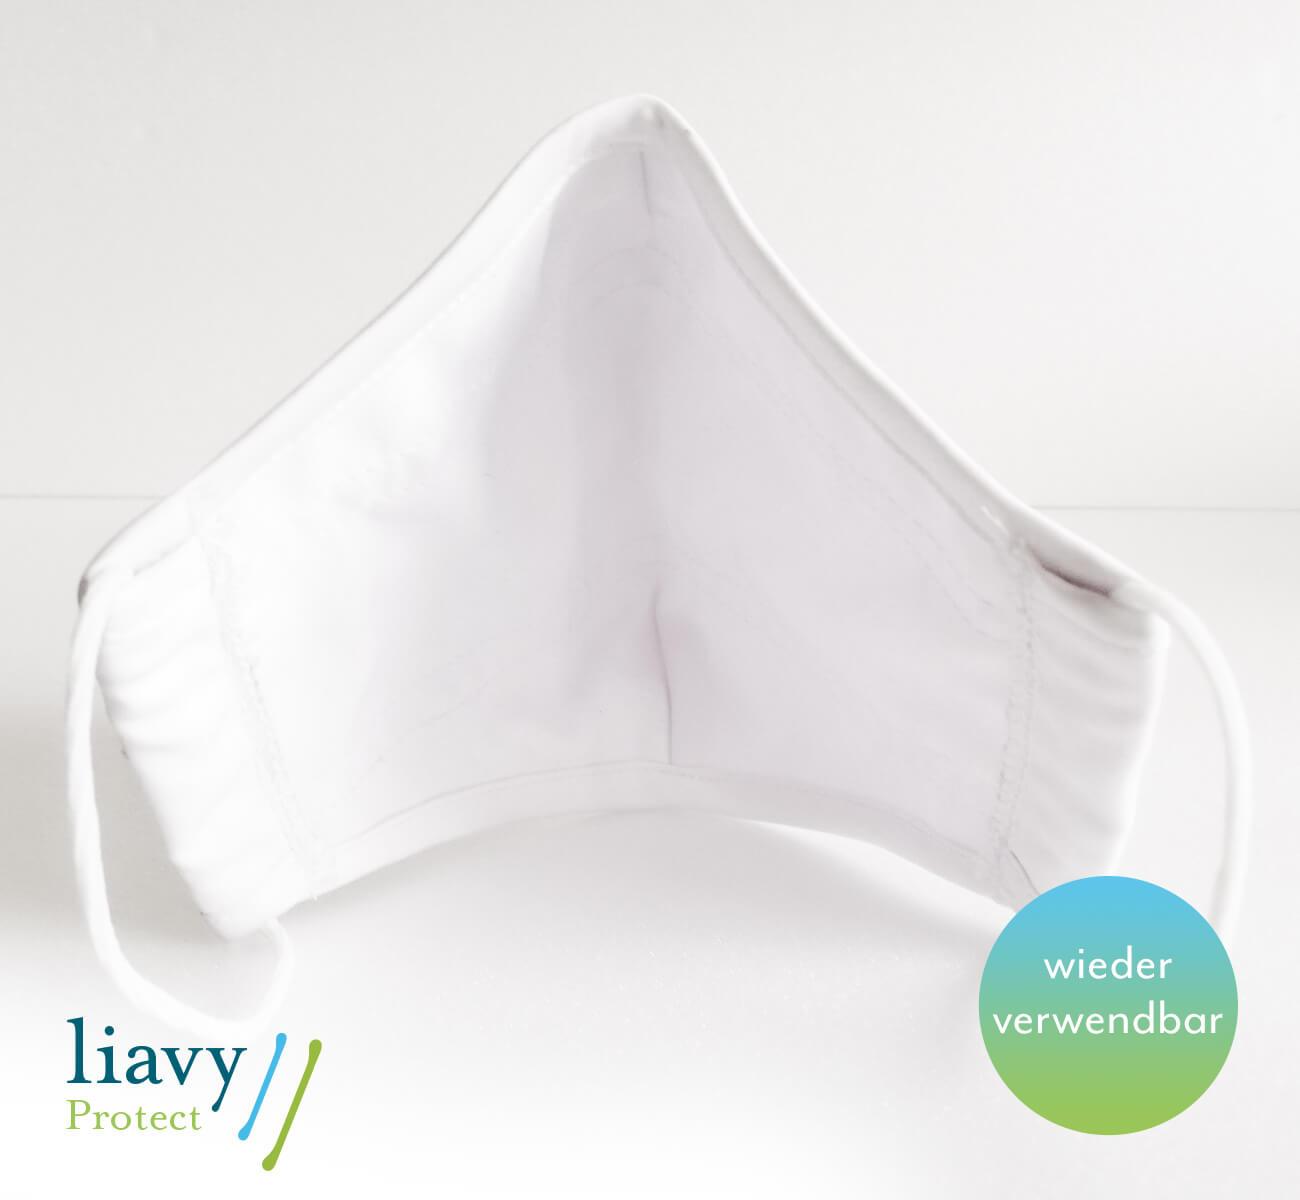 Hochwertige atmungsaktive und wasserabweisende Mund-Nasen-Maske sind wieder verwendbar